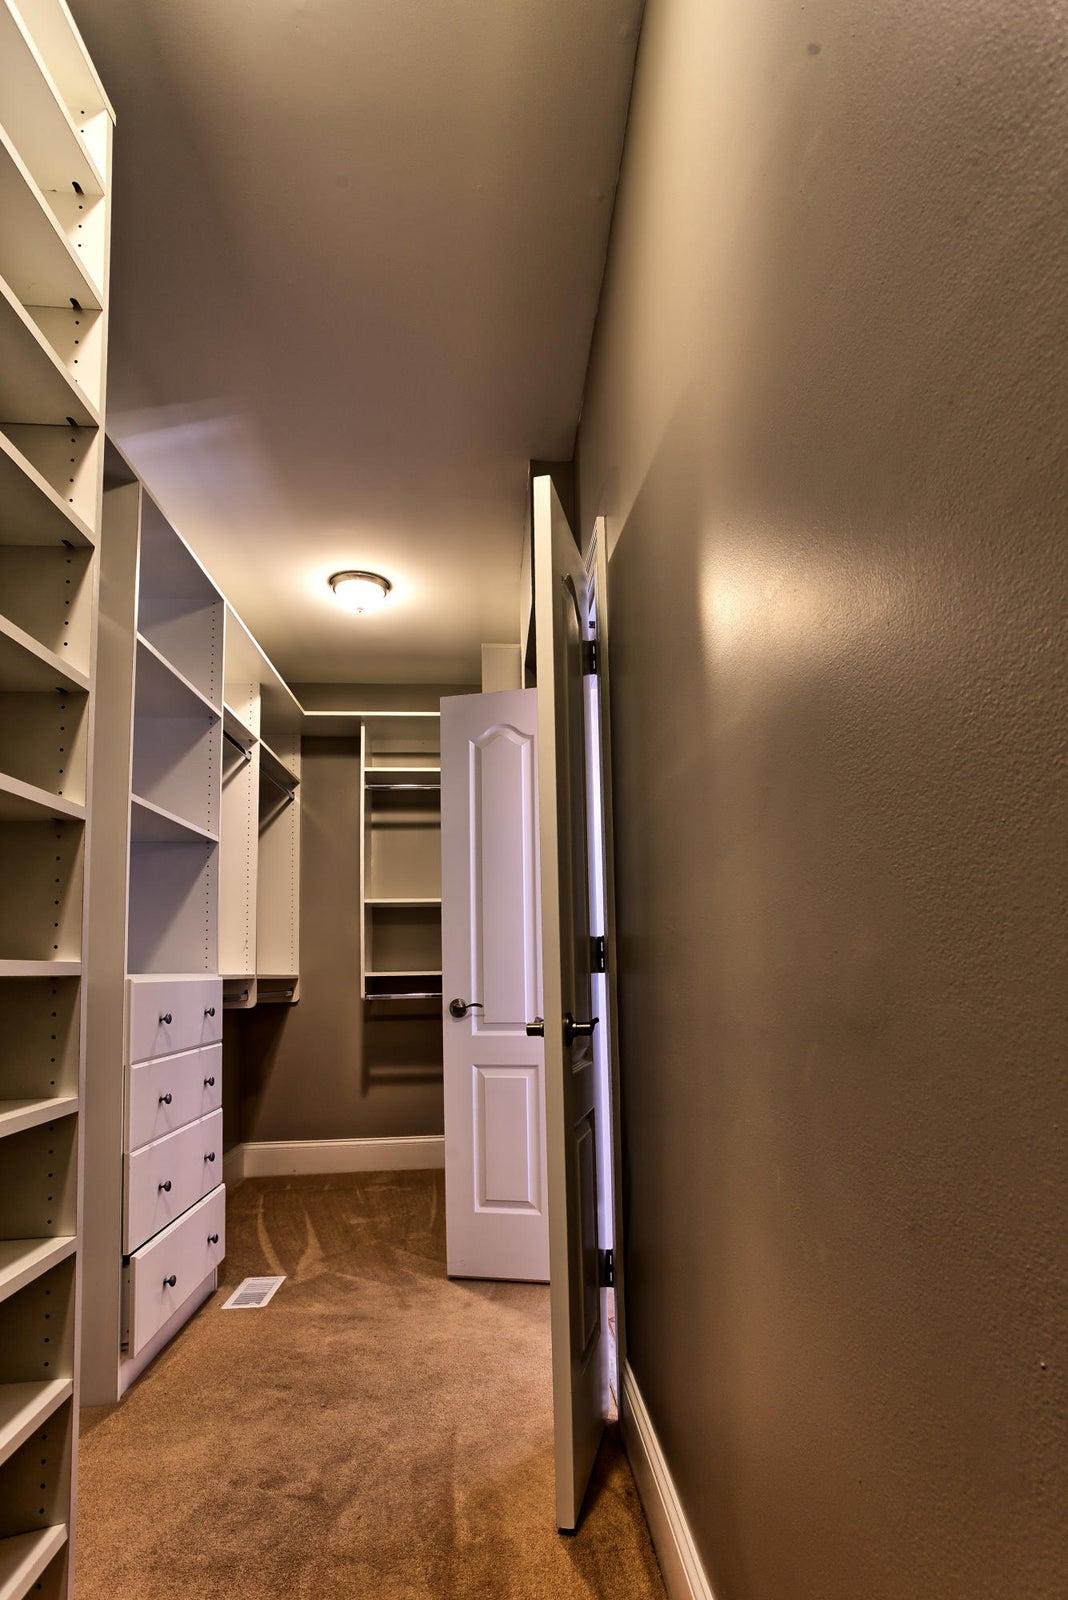 Walk in closet owner's suite